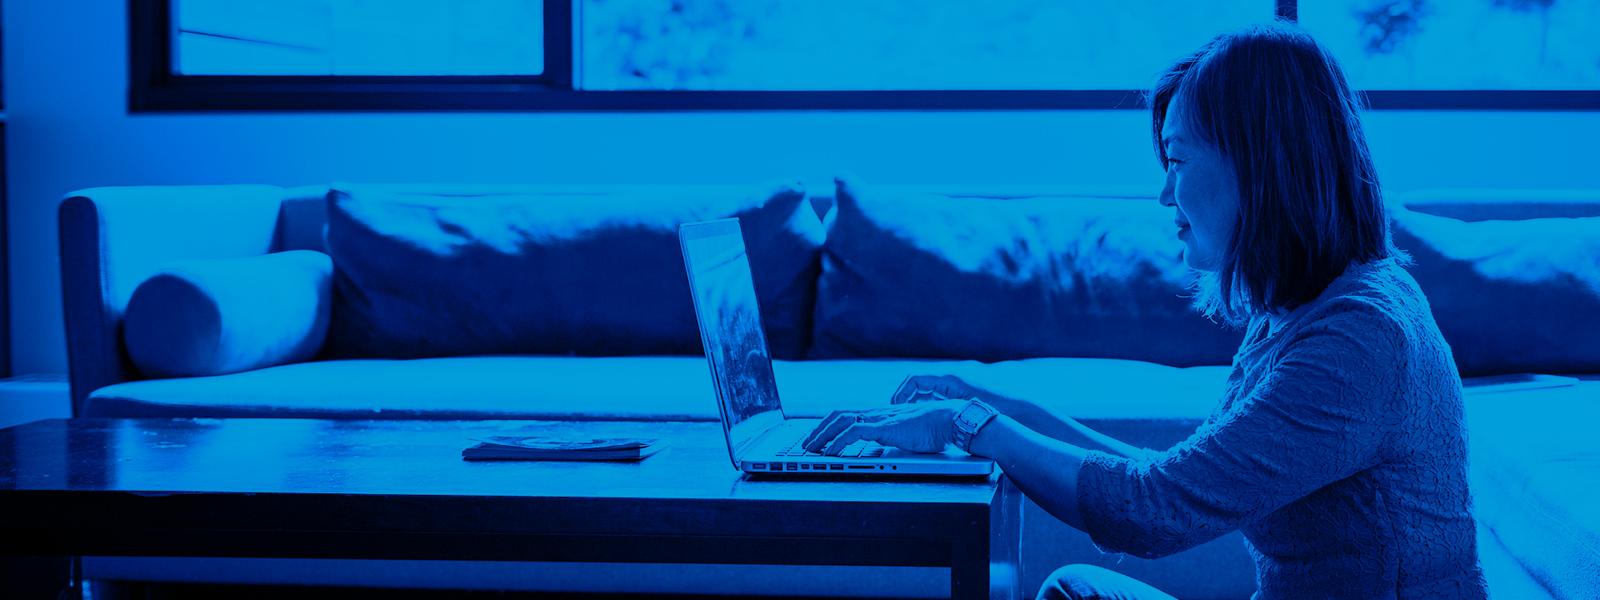 Imagen de una chica joven utilizando su portátil en casa.